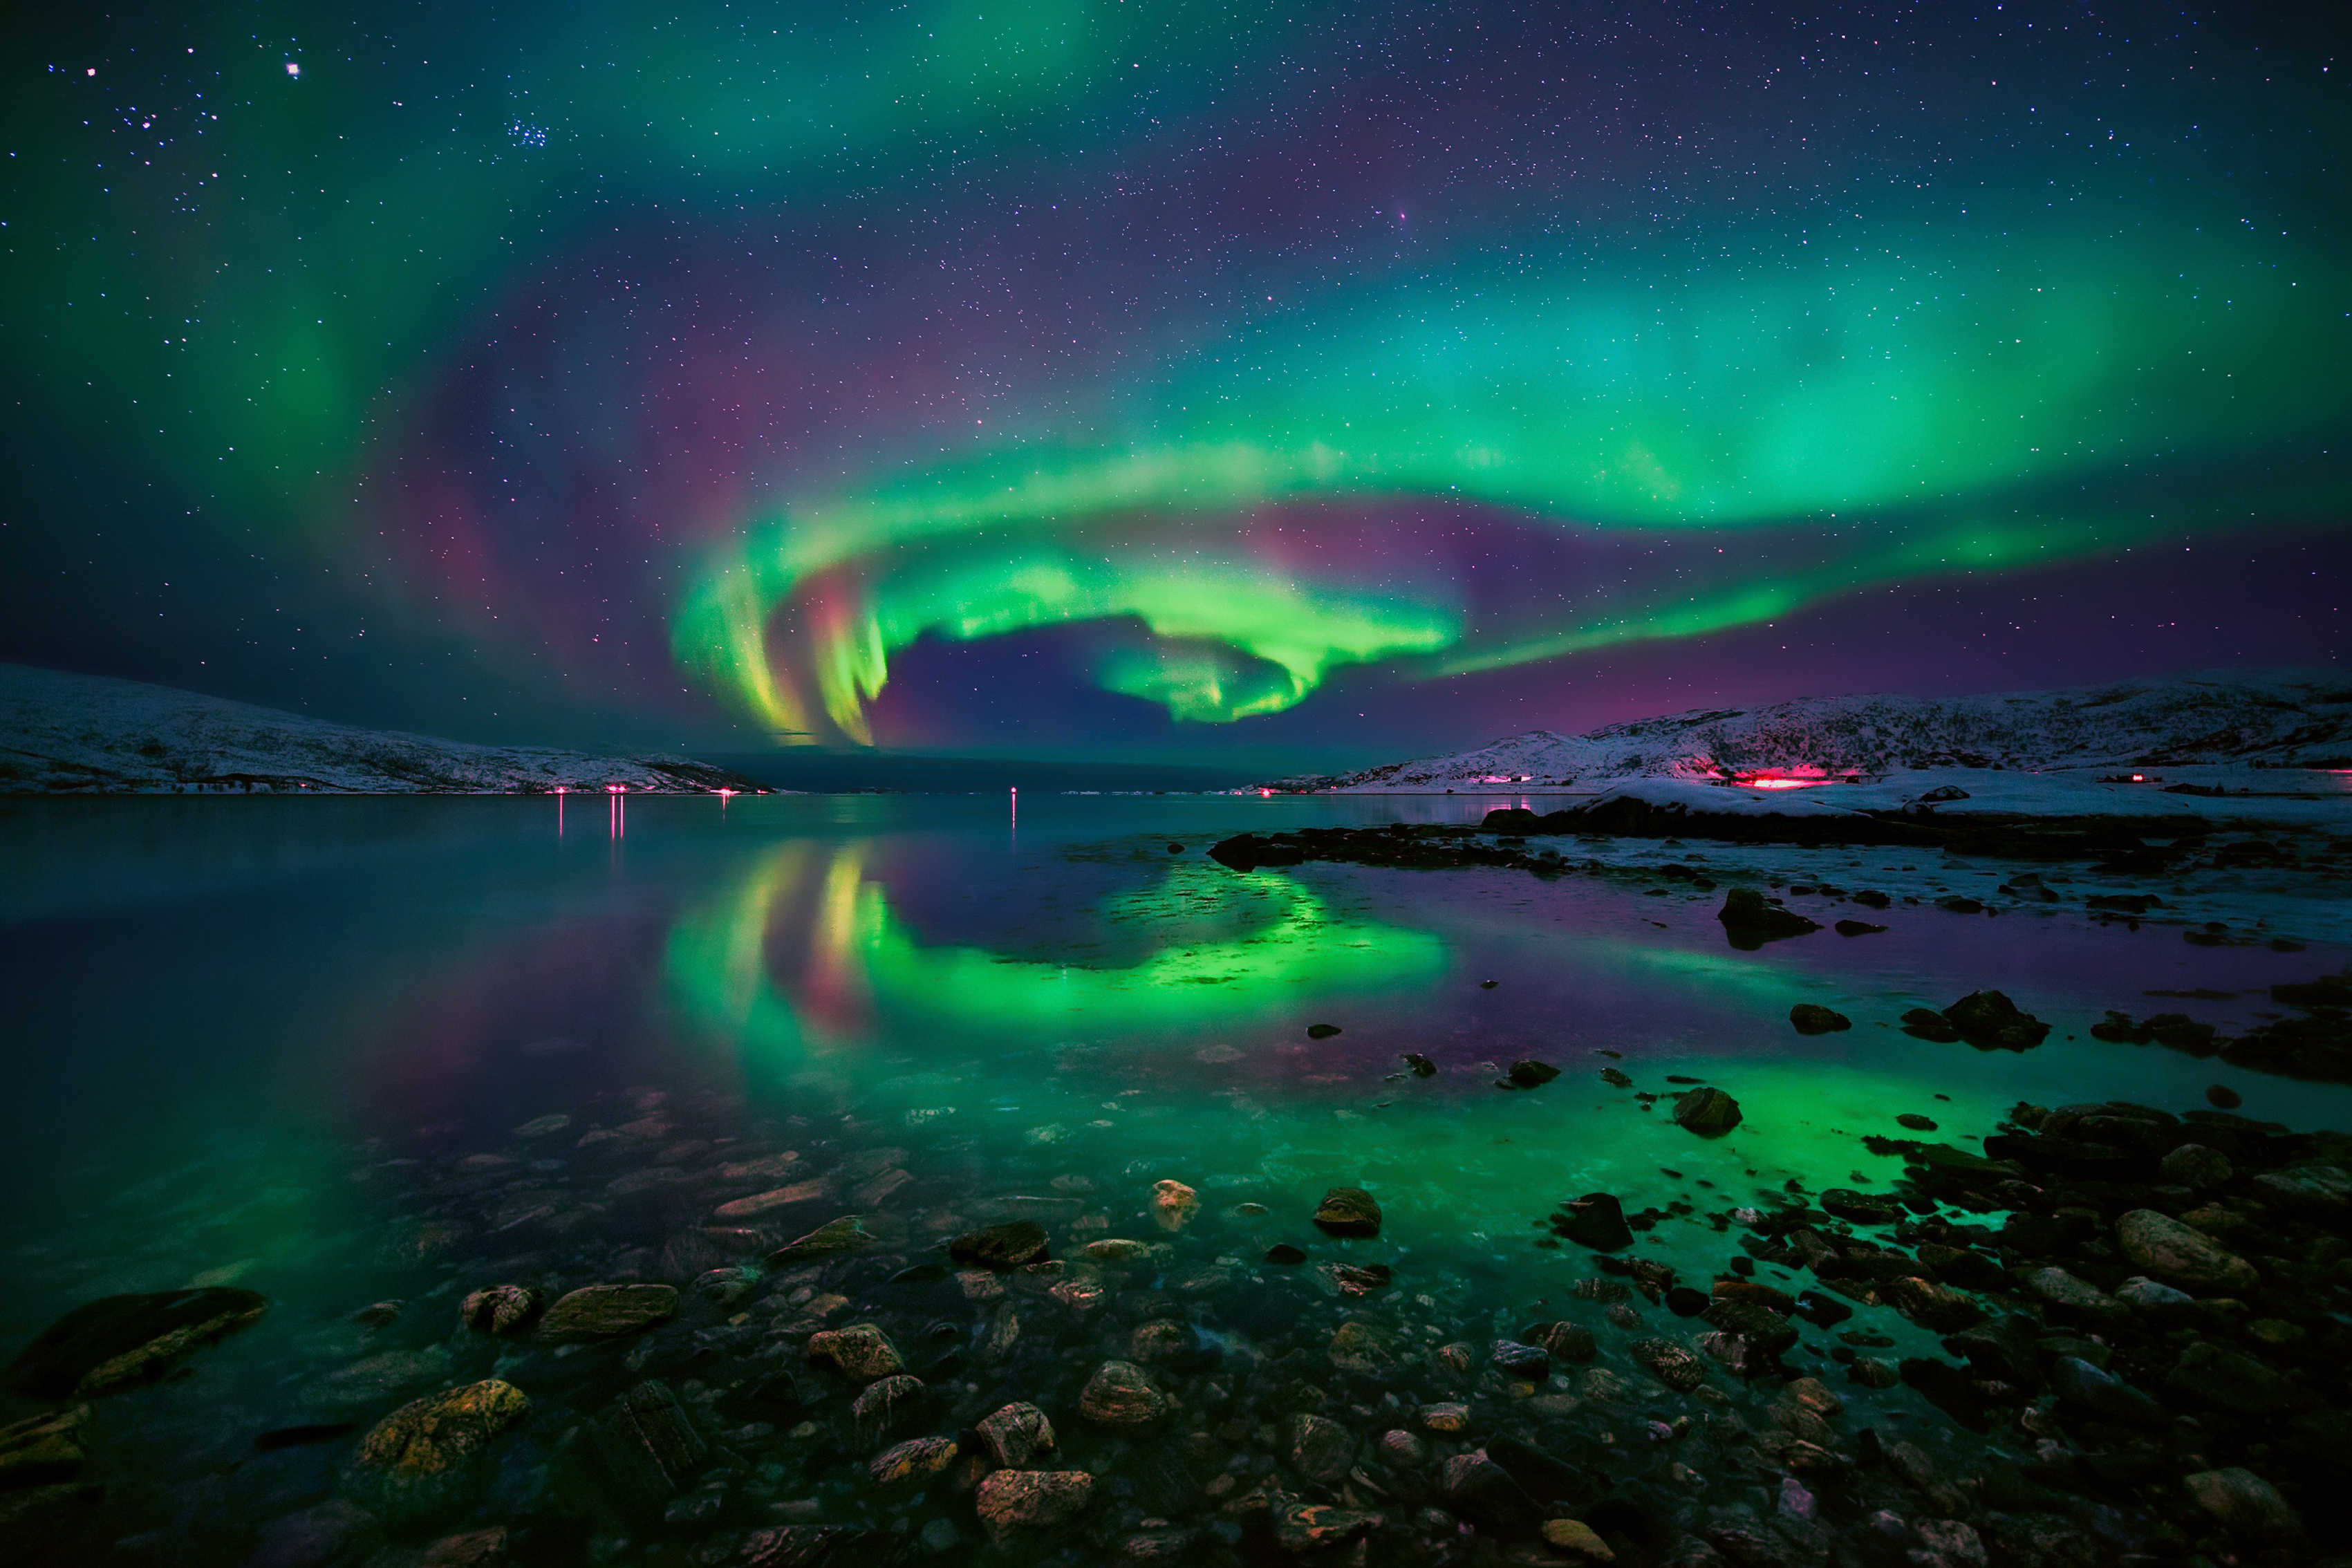 บ้านตกแต่ง sky stars night หิน Northern ไฟนอร์เวย์ fjord ผ้าไหมผ้าโปสเตอร์พิมพ์ JZK433